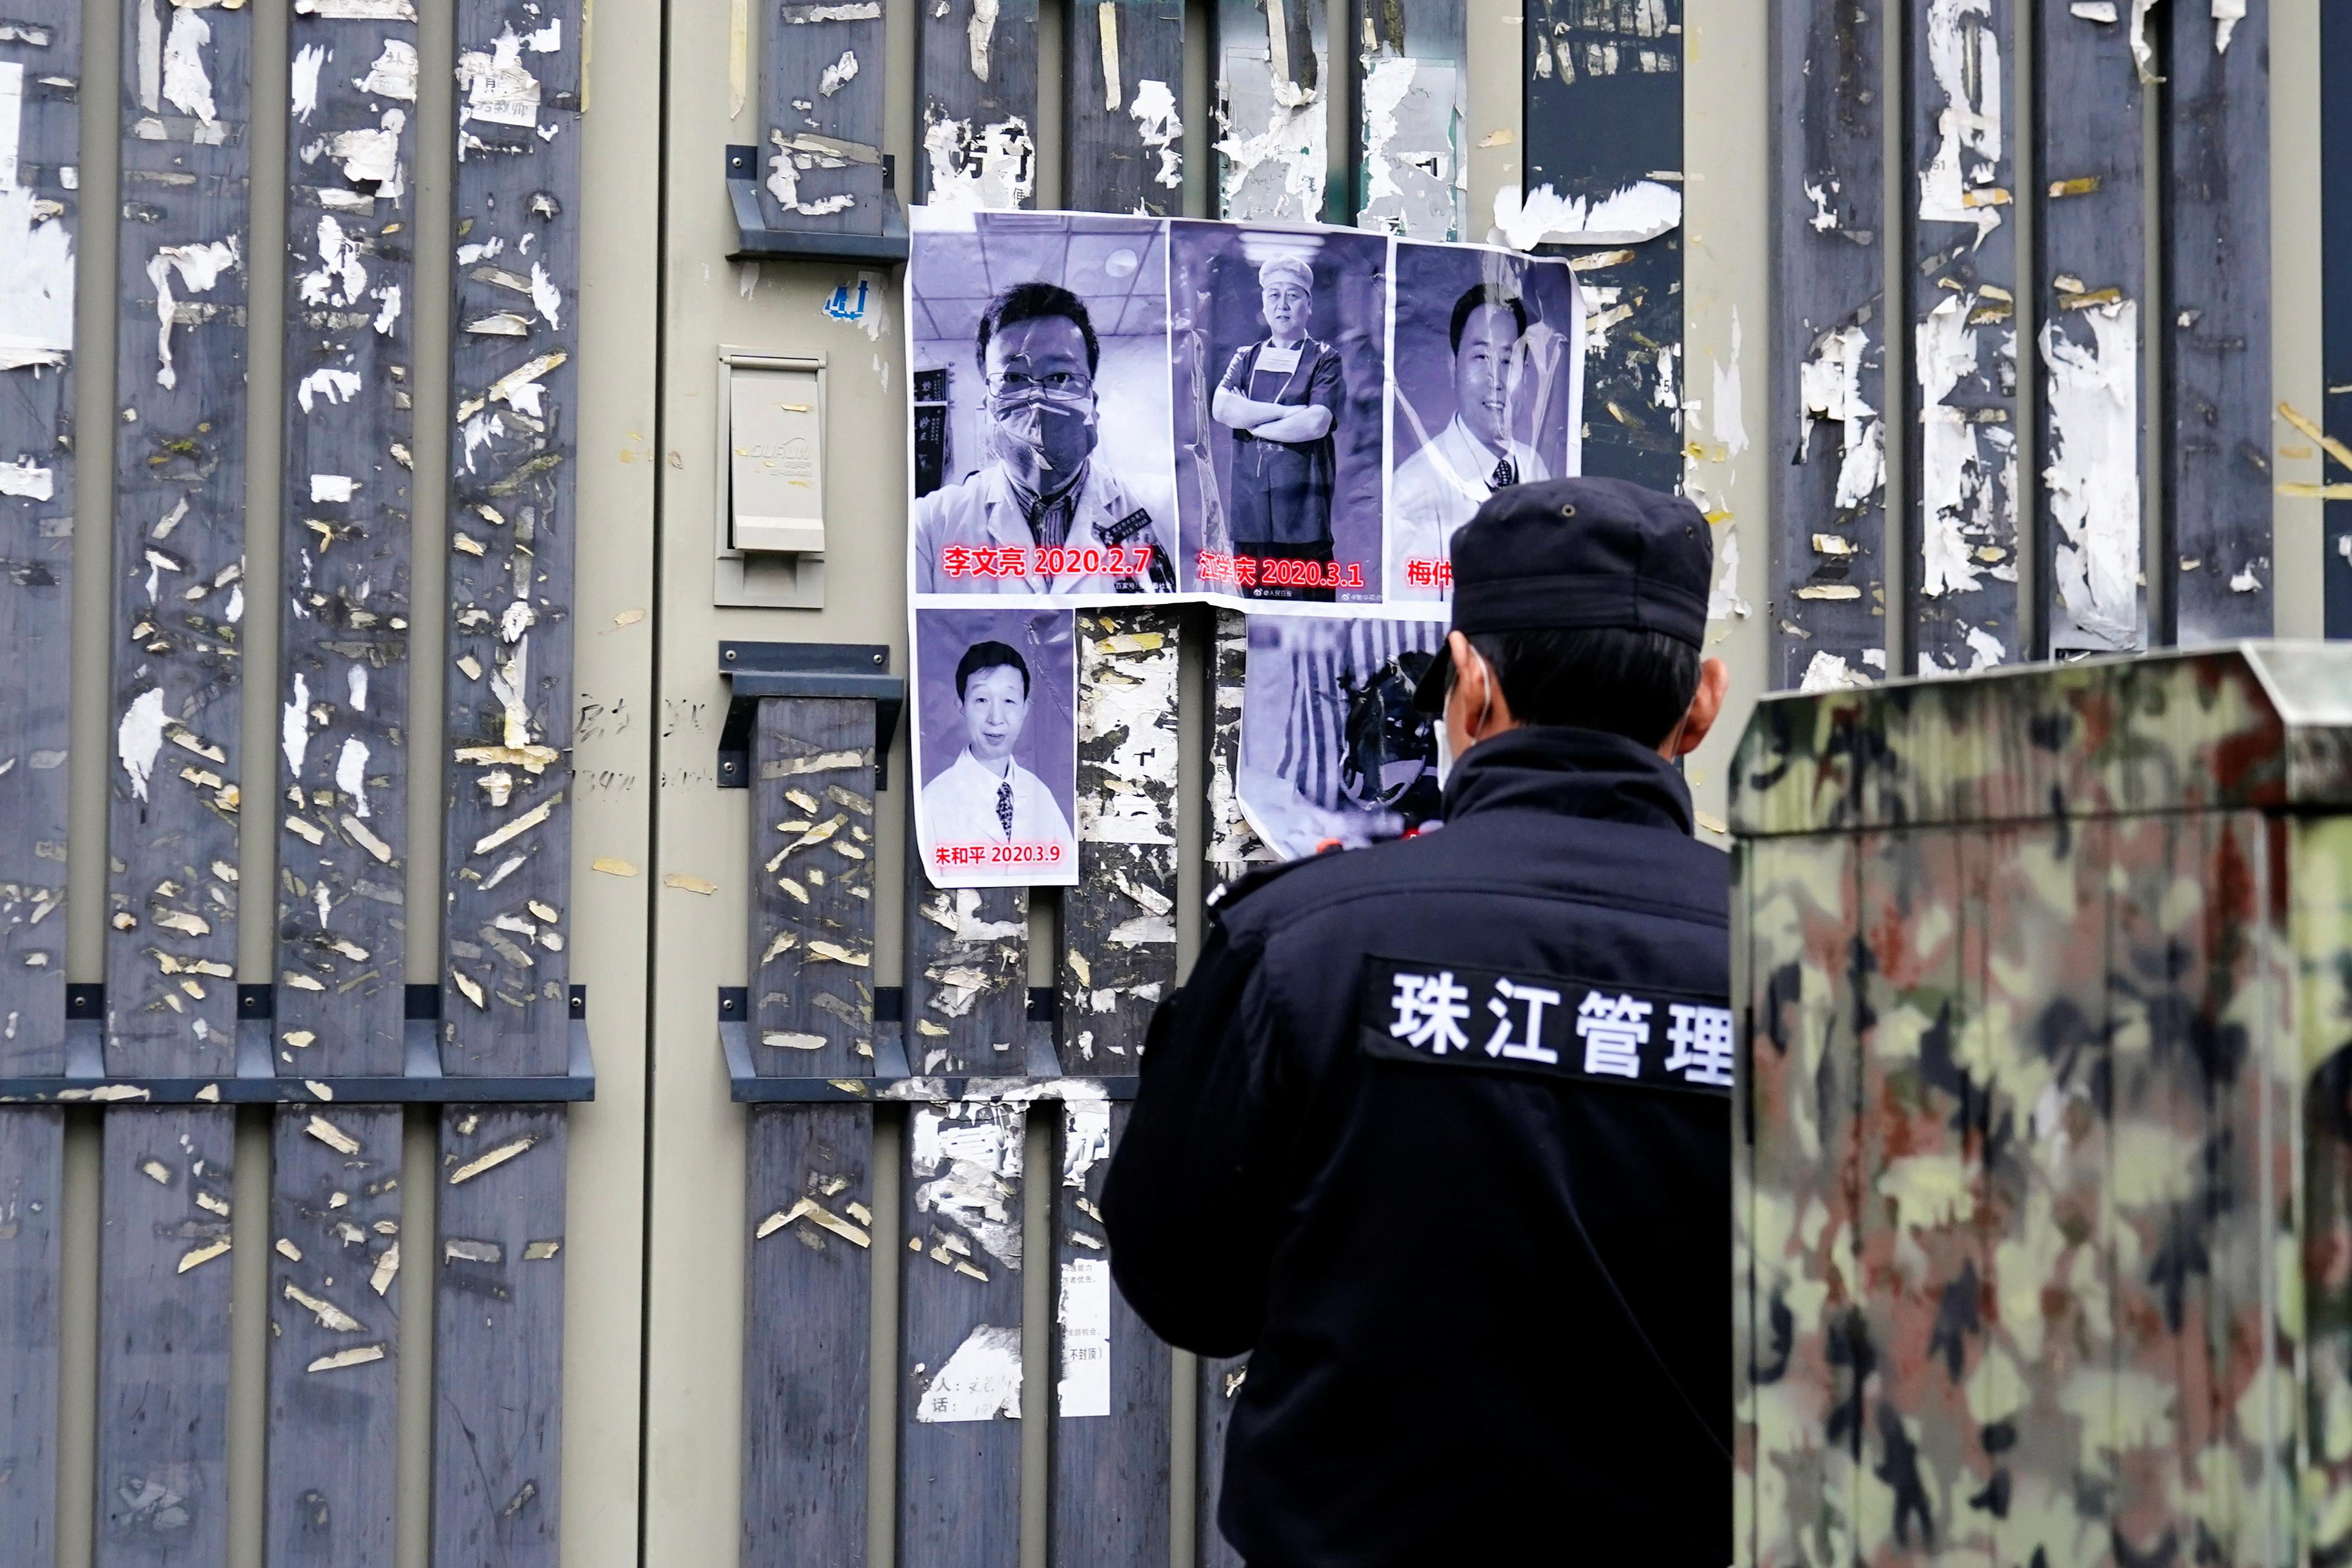 Hình ảnh các bác sĩ thiệt mạng trong đại dịch Covid-19 được dán tại Bệnh viện Trung tâm Vũ Hán hôm 7/2. Ảnh: Reuters.